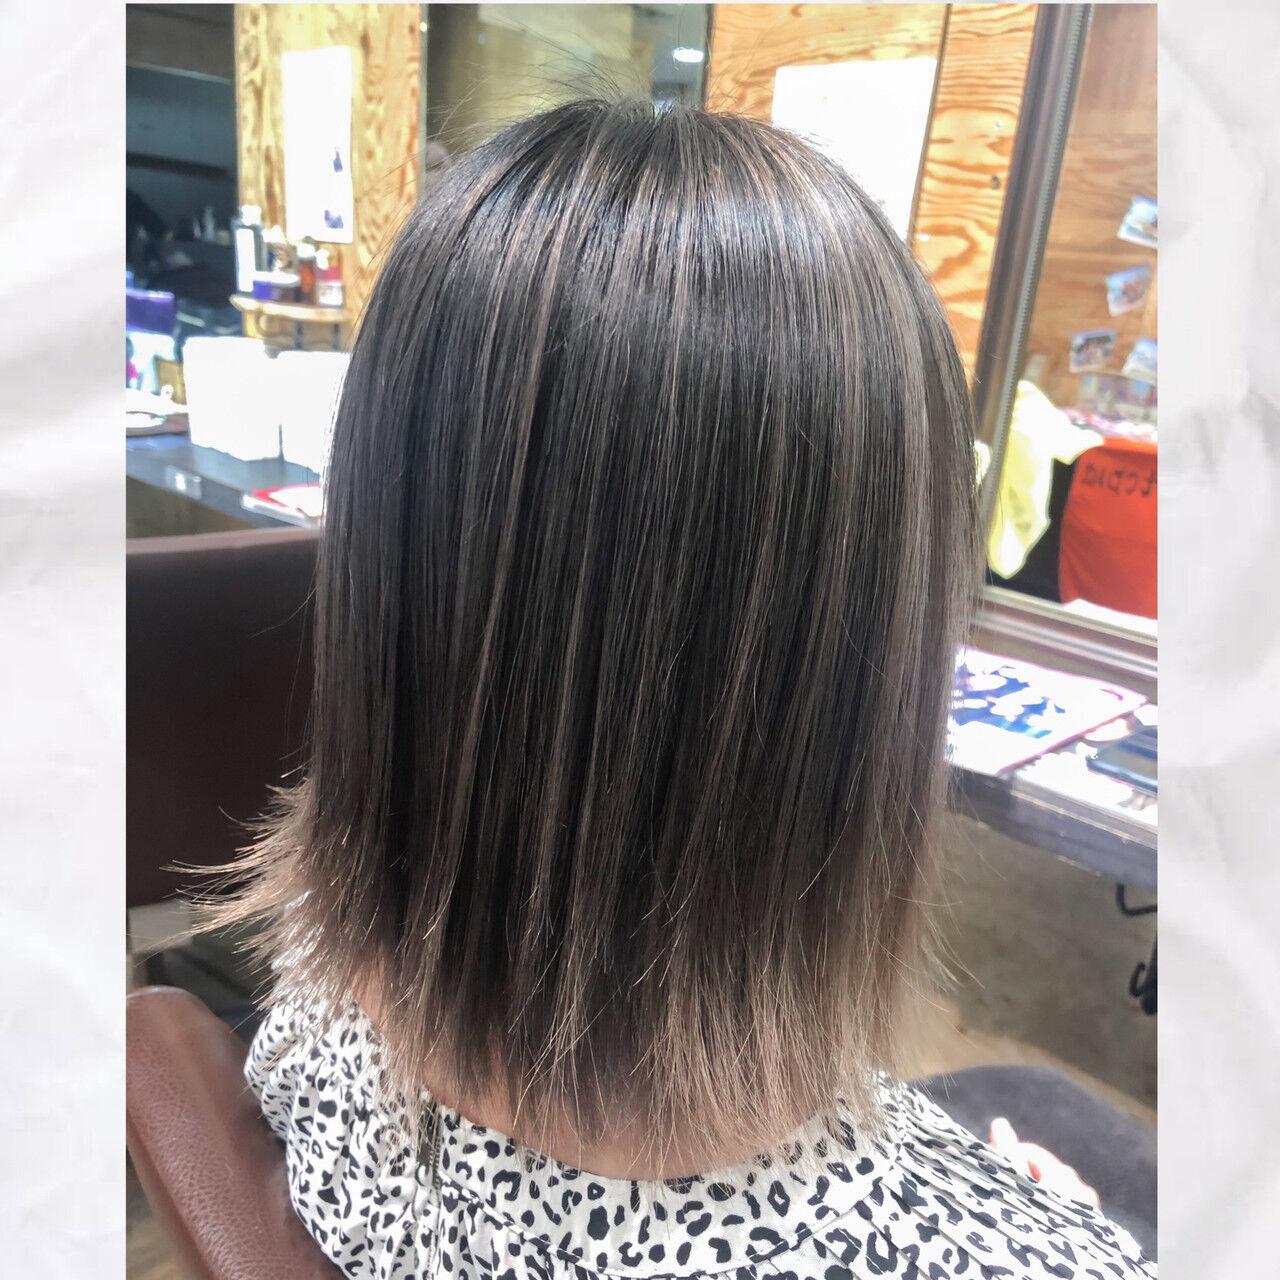 グレージュ デザインカラー バレイヤージュ ハイトーンヘアスタイルや髪型の写真・画像